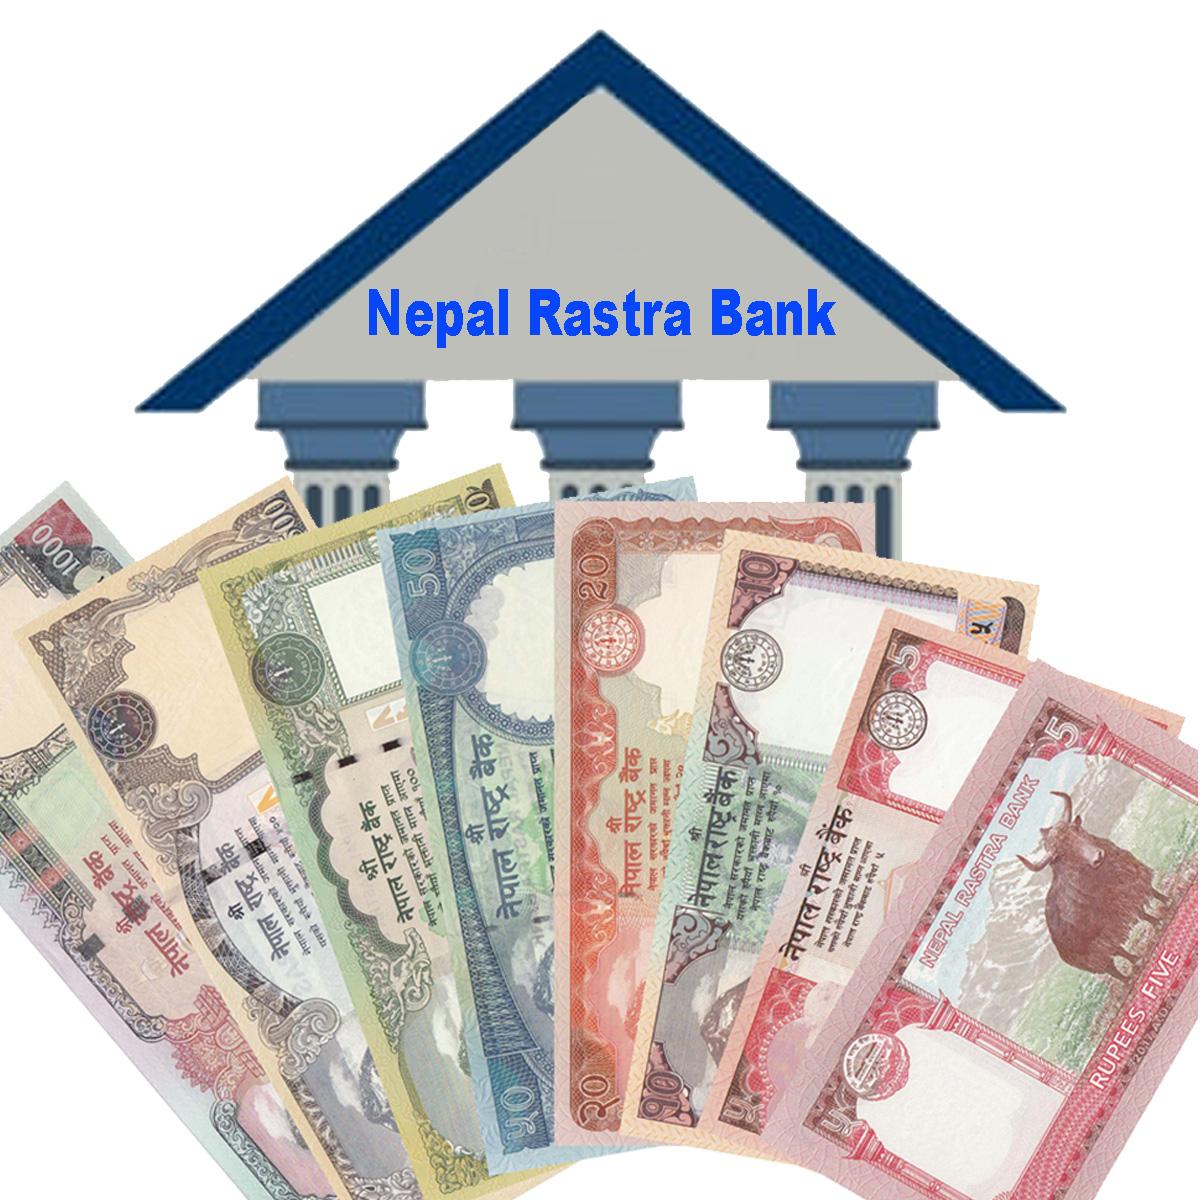 मुद्रा तथा बैंकिङ्ग